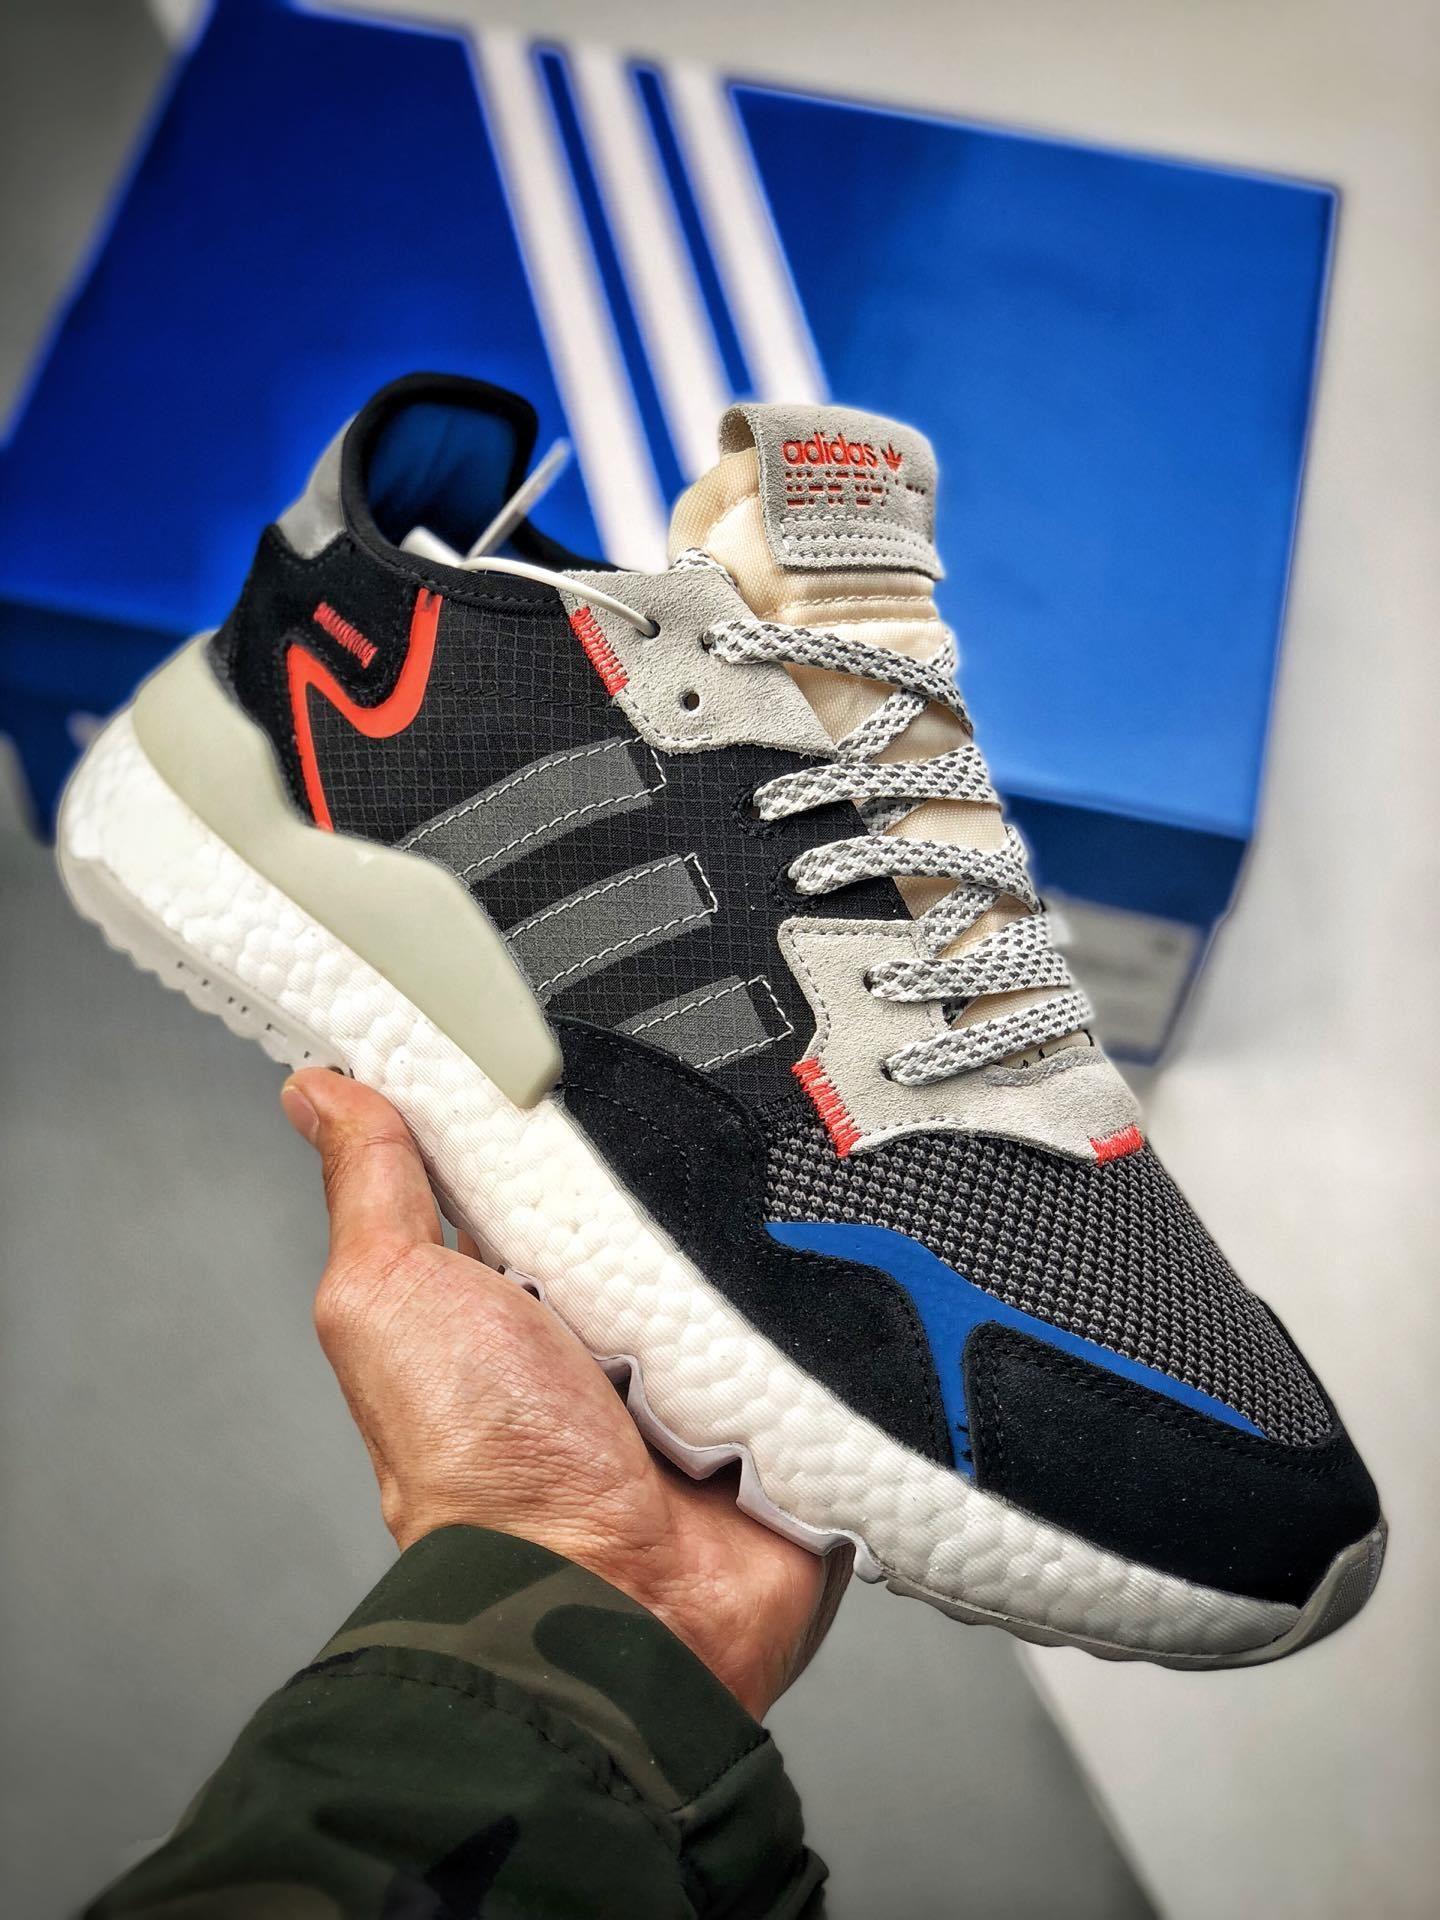 Adidas Nite Jogger 2019 Boost EF8719 | ADIDAS in 2019